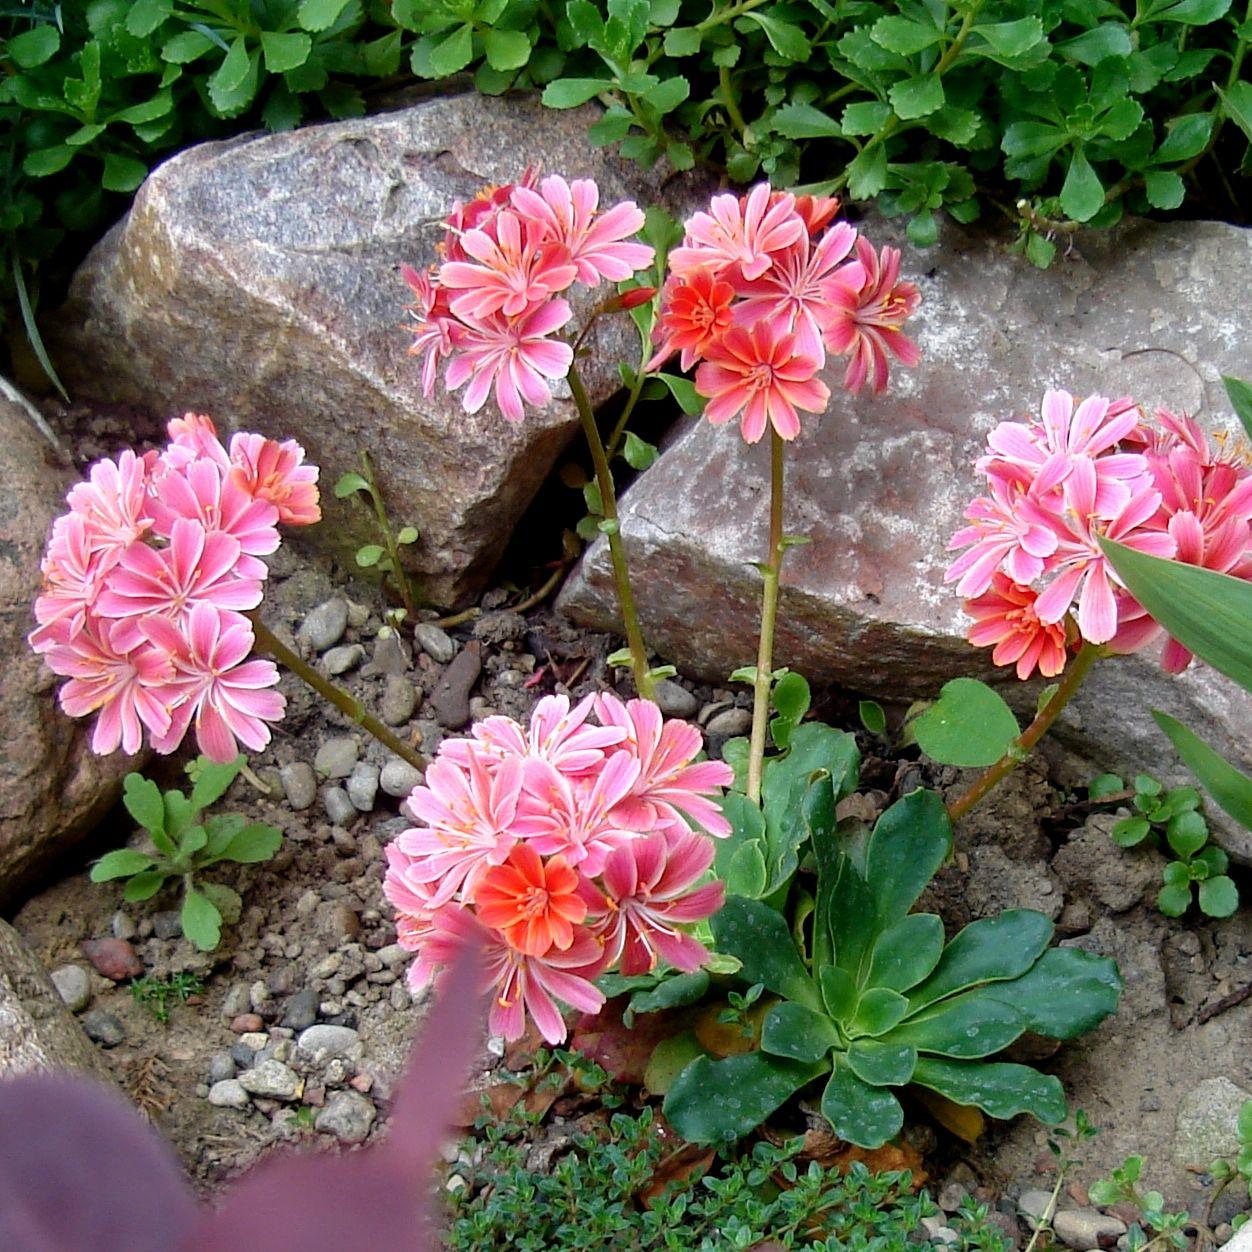 Zielone Centrum Ul Choiny 57 Sklep Ogrodniczy Krzewy Ozdobne Kwiaty Balkonowe Byliny Nasiona Srodki Ochr Beautiful Flowers Rock Flowers Rock Plants